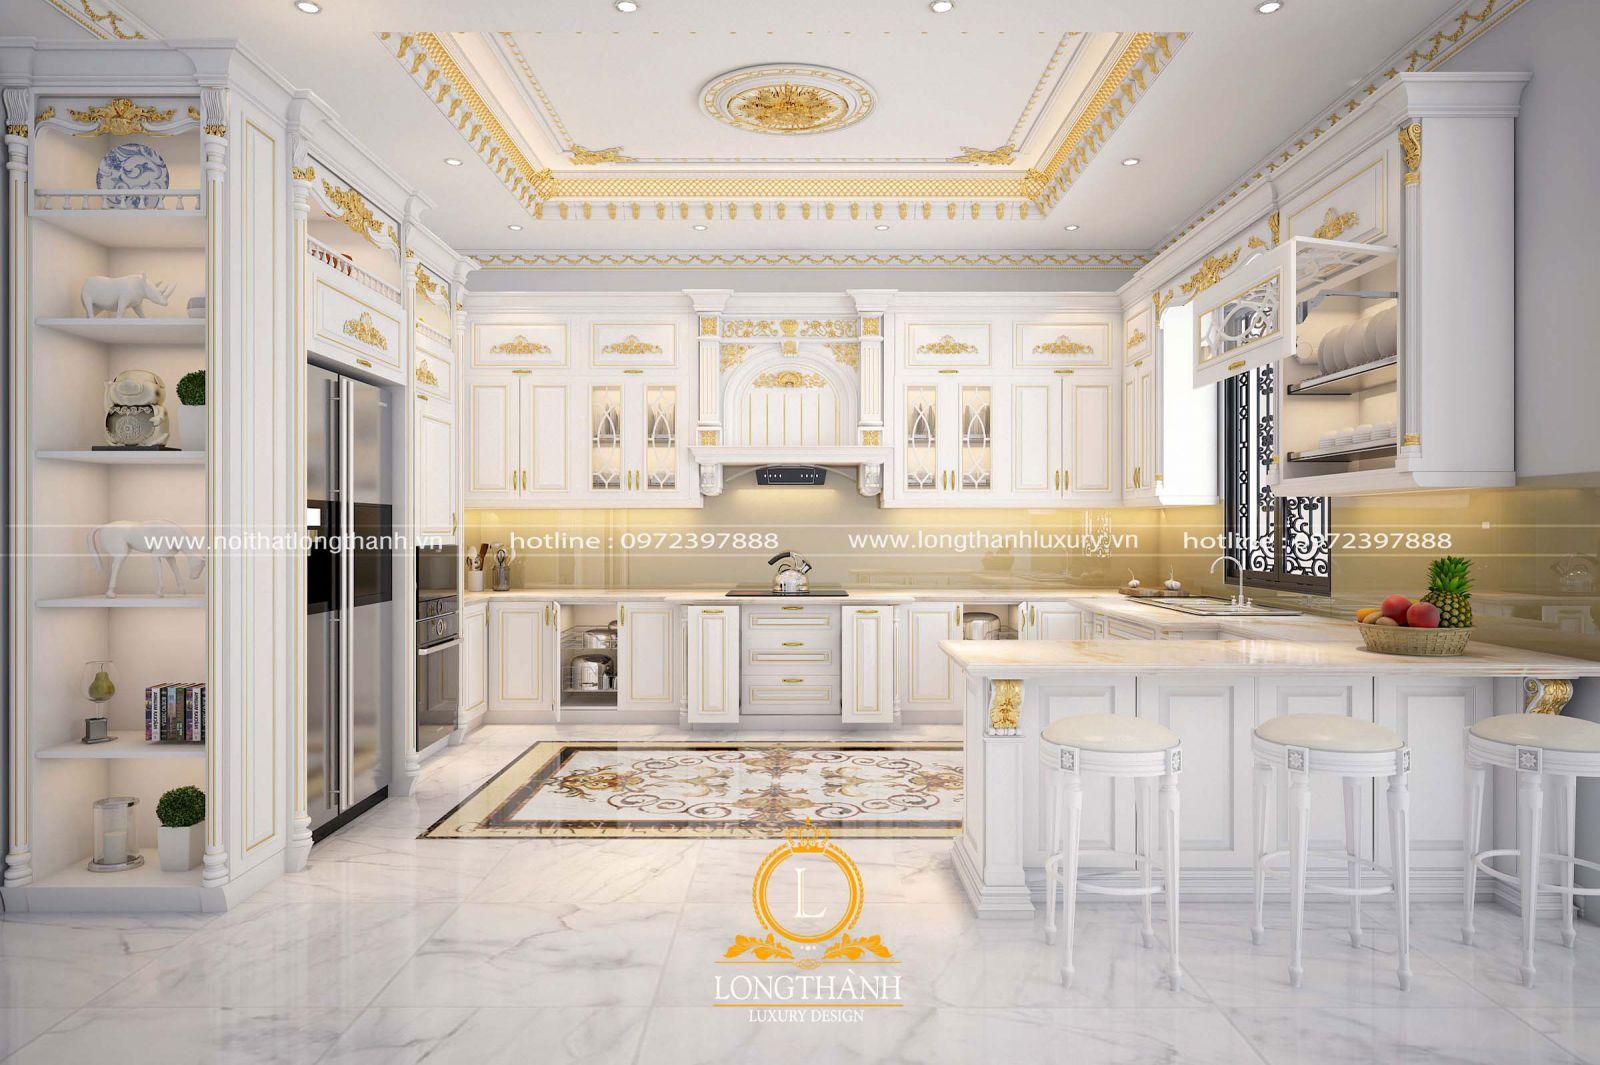 Không gian phòng bếp thiết kế tân cổ điển đẹp